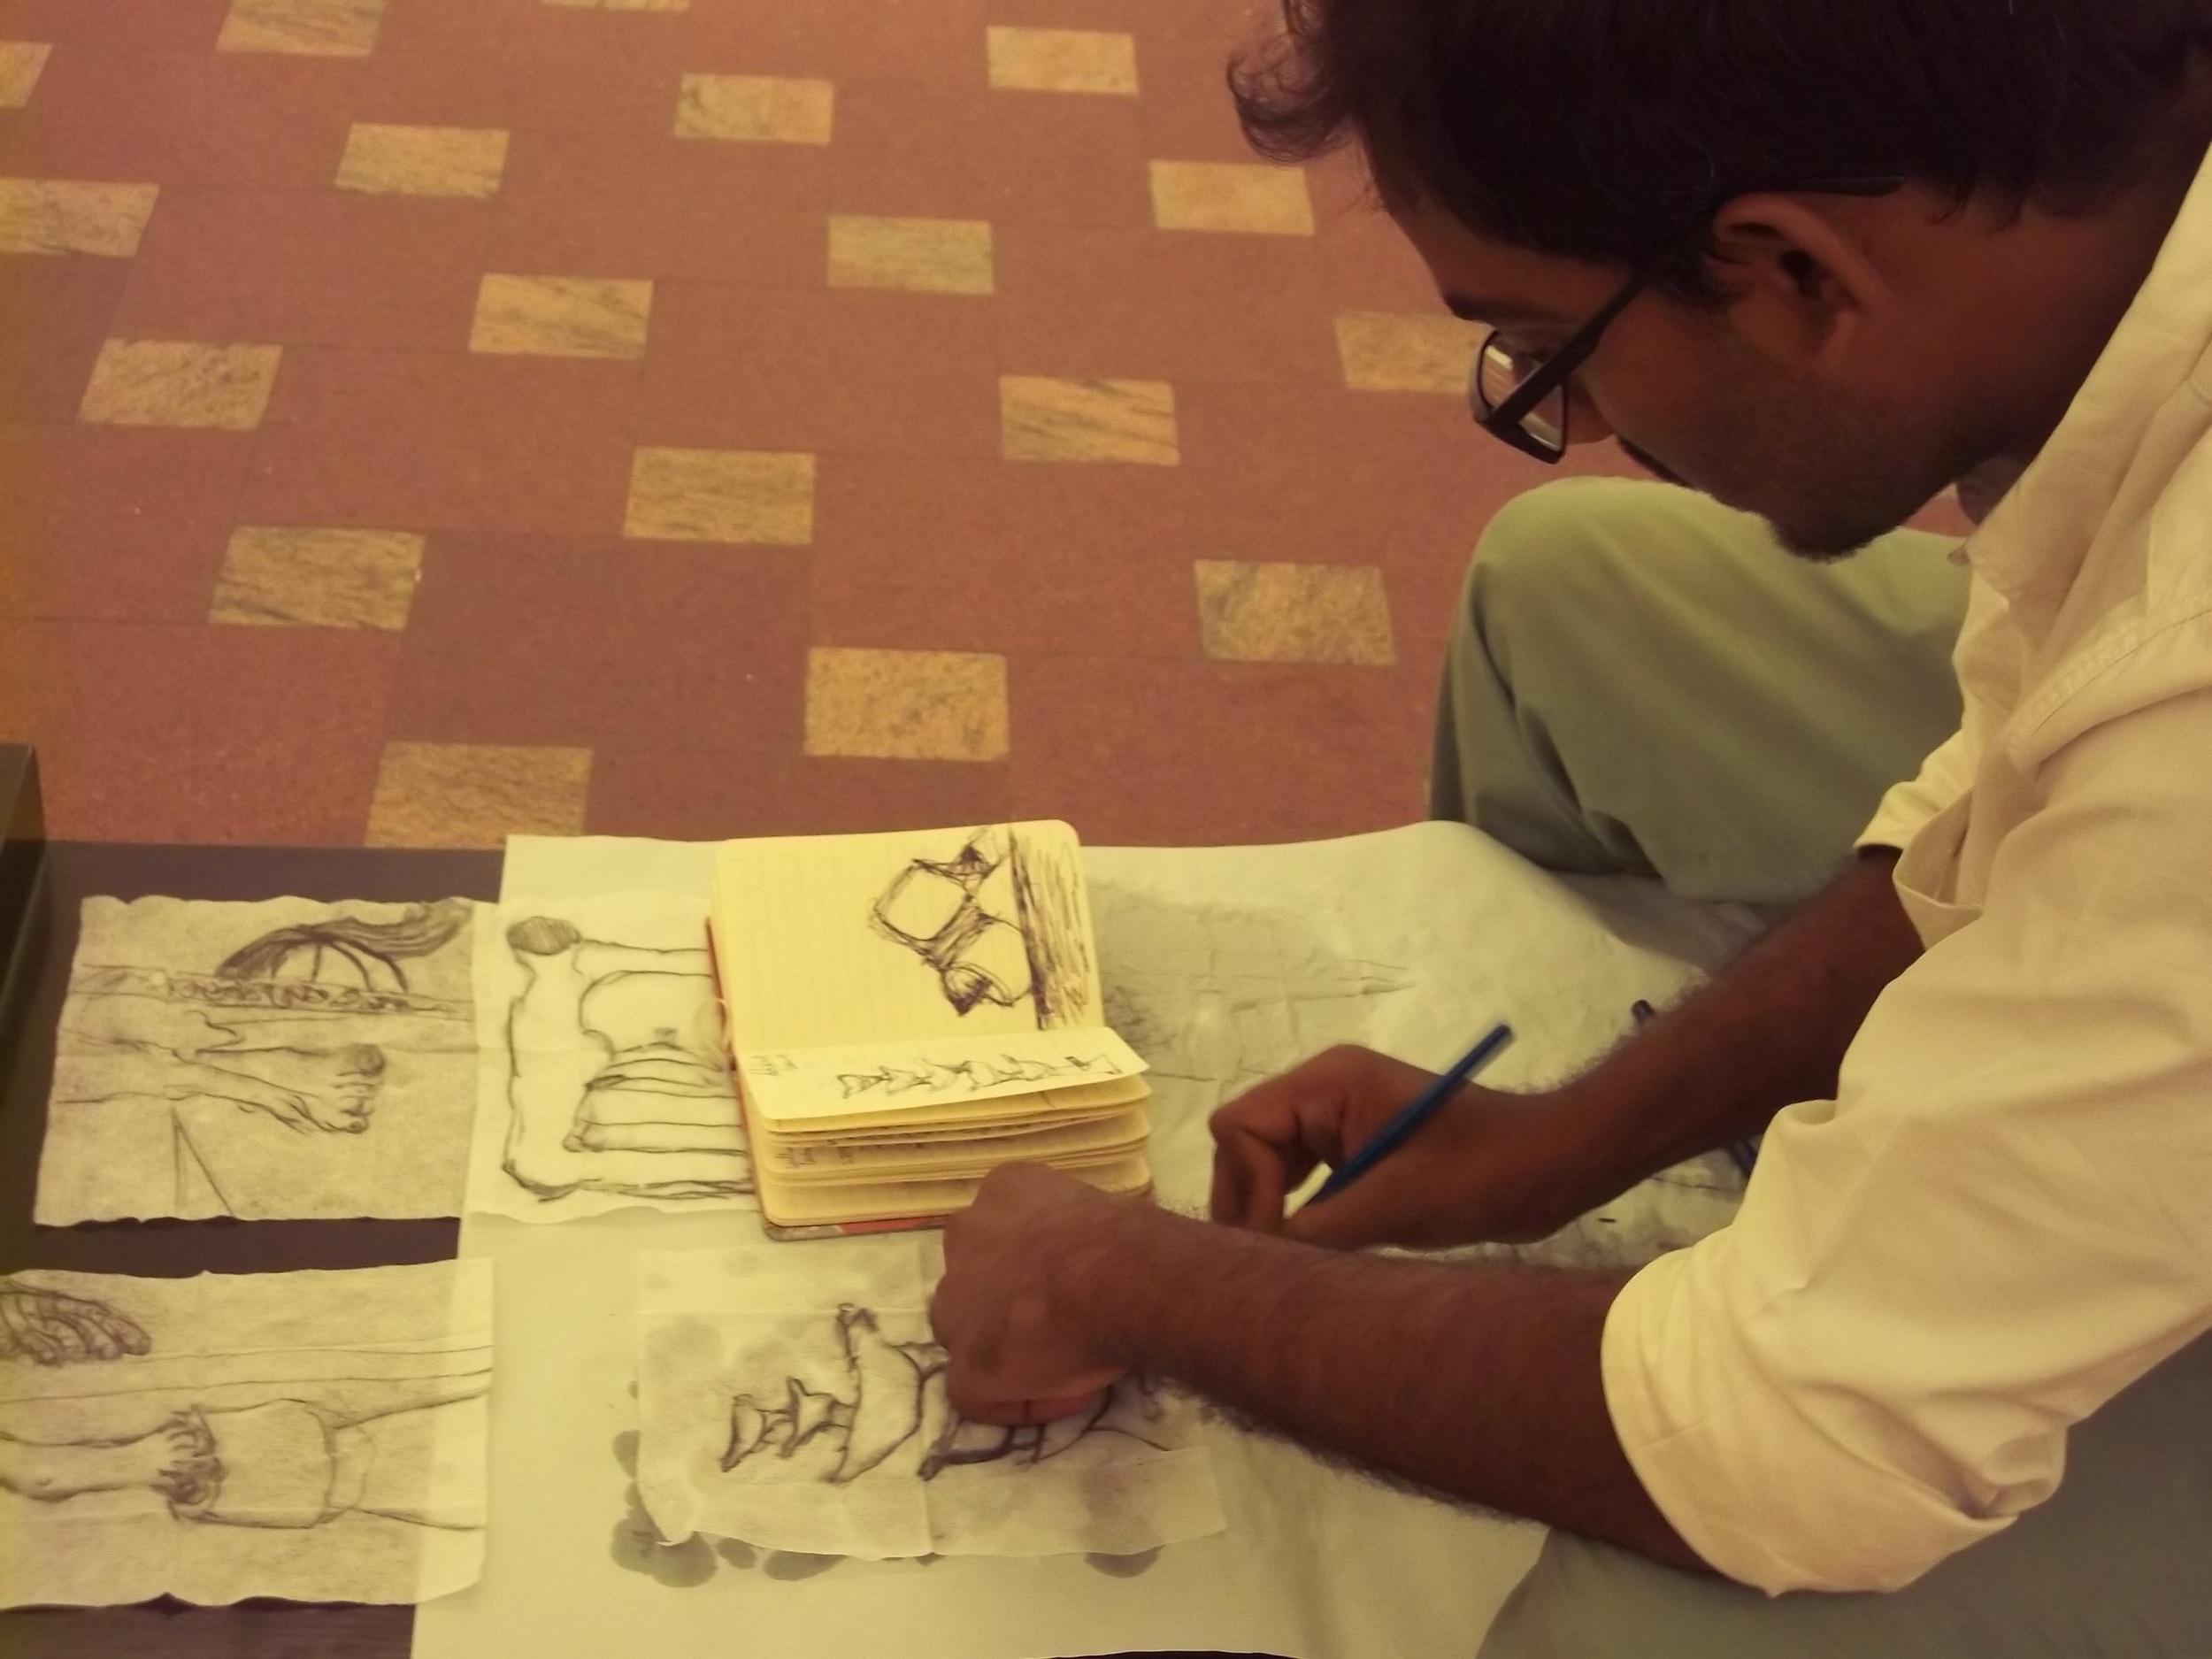 Sudhir Patwardhan's drawing workshop